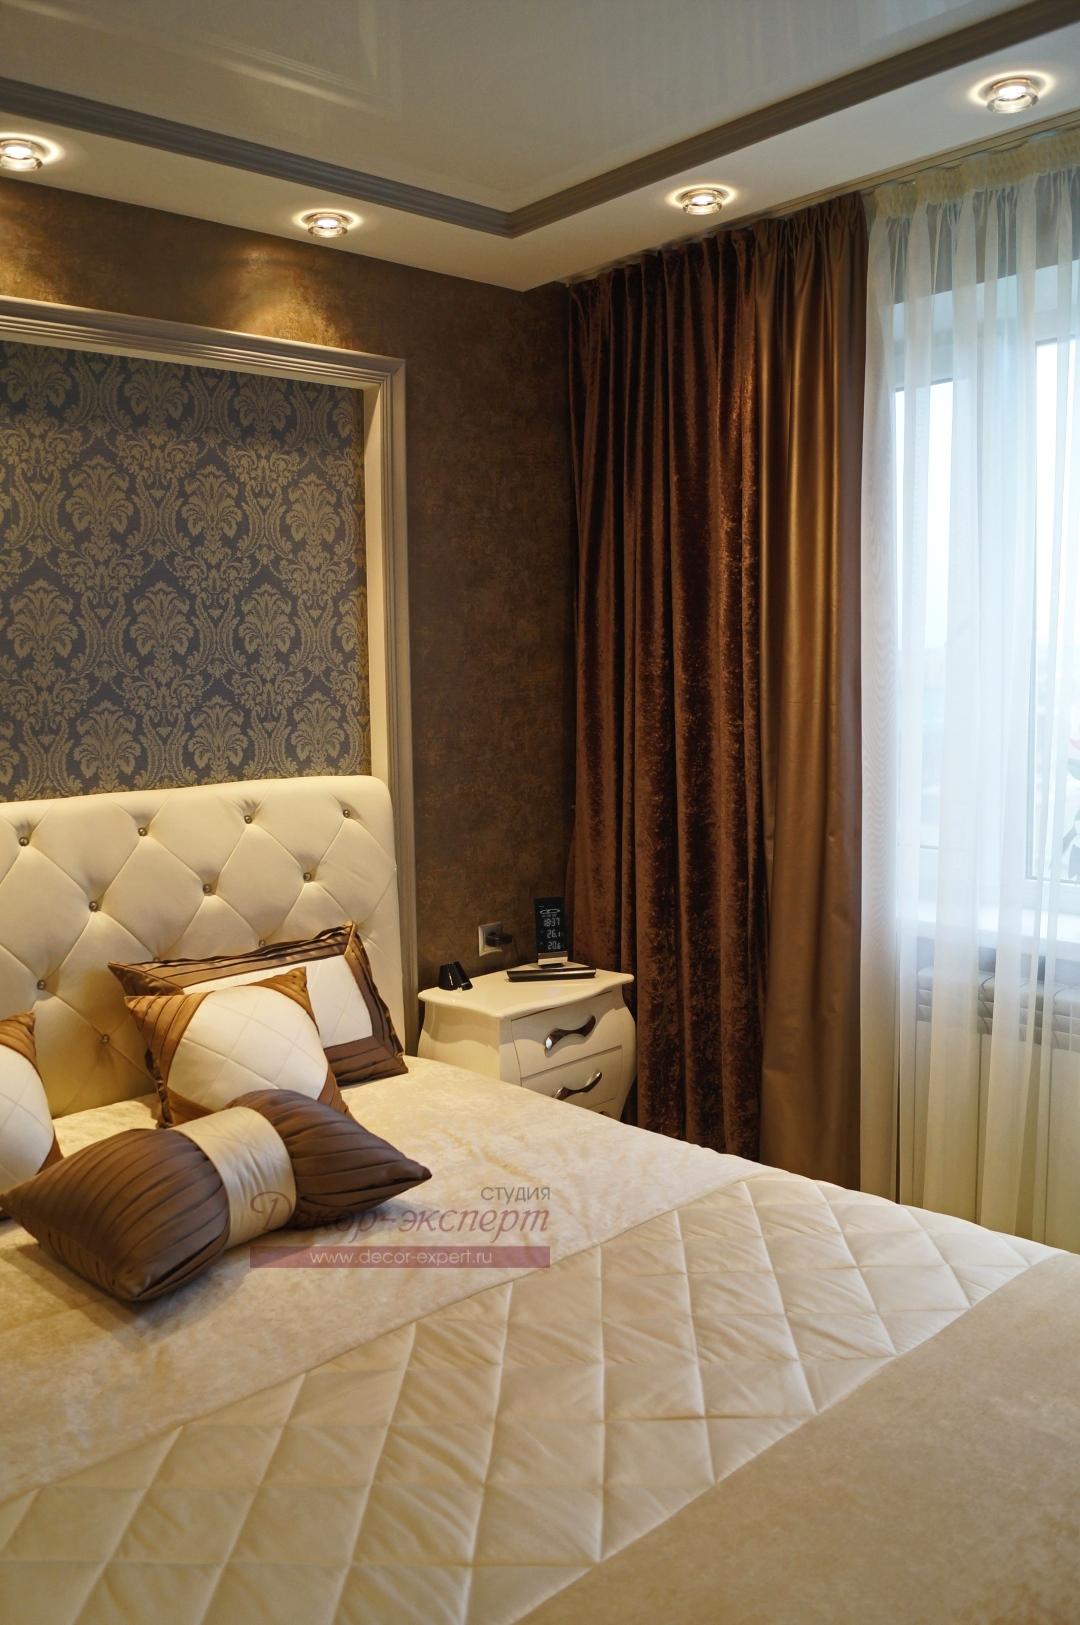 Фото-91. Текстильный декор для спальни в Сызрани.